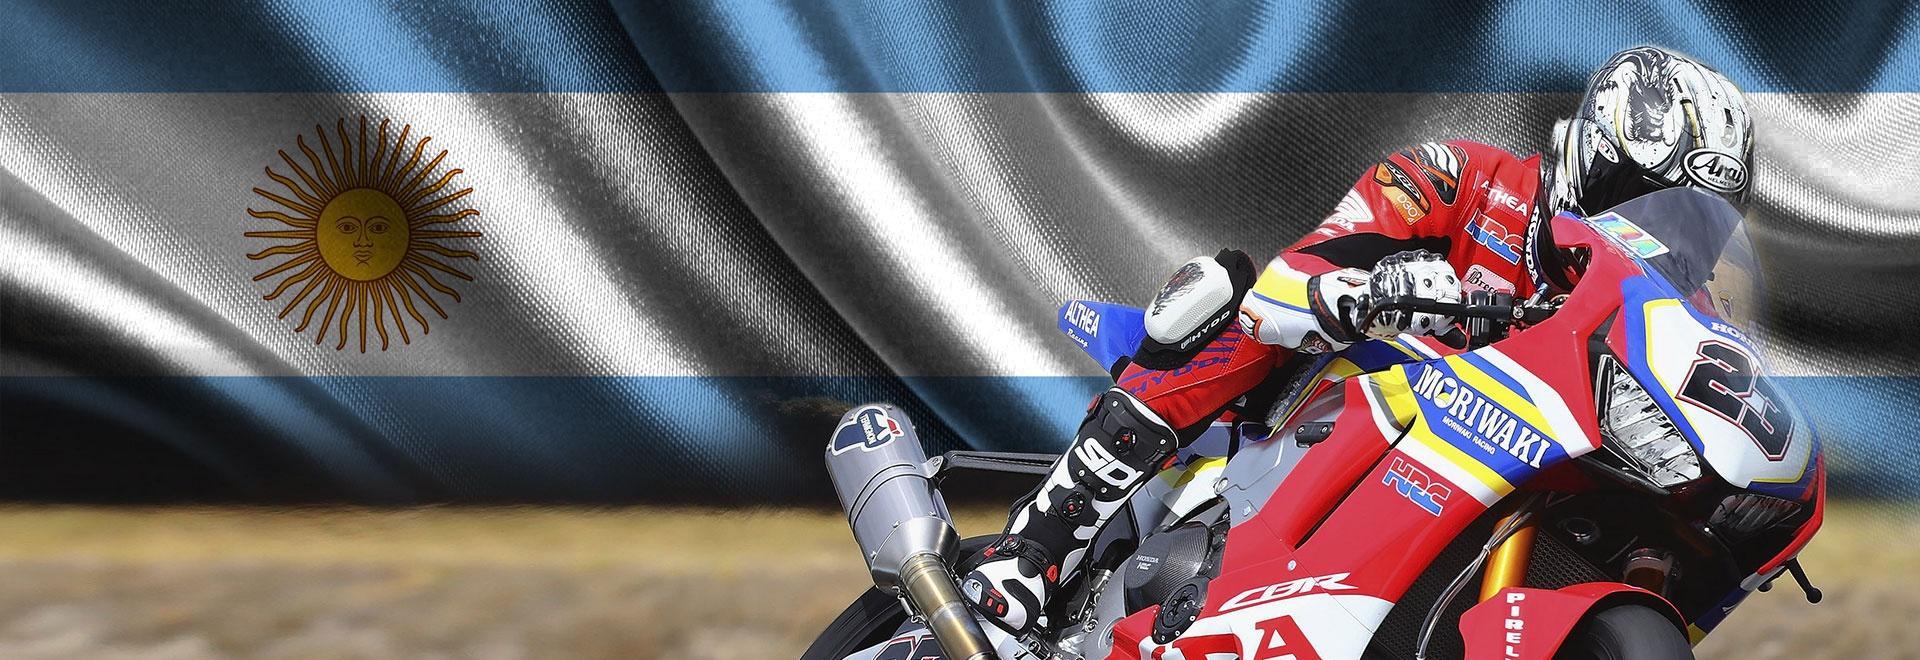 Argentina. Superpole Race